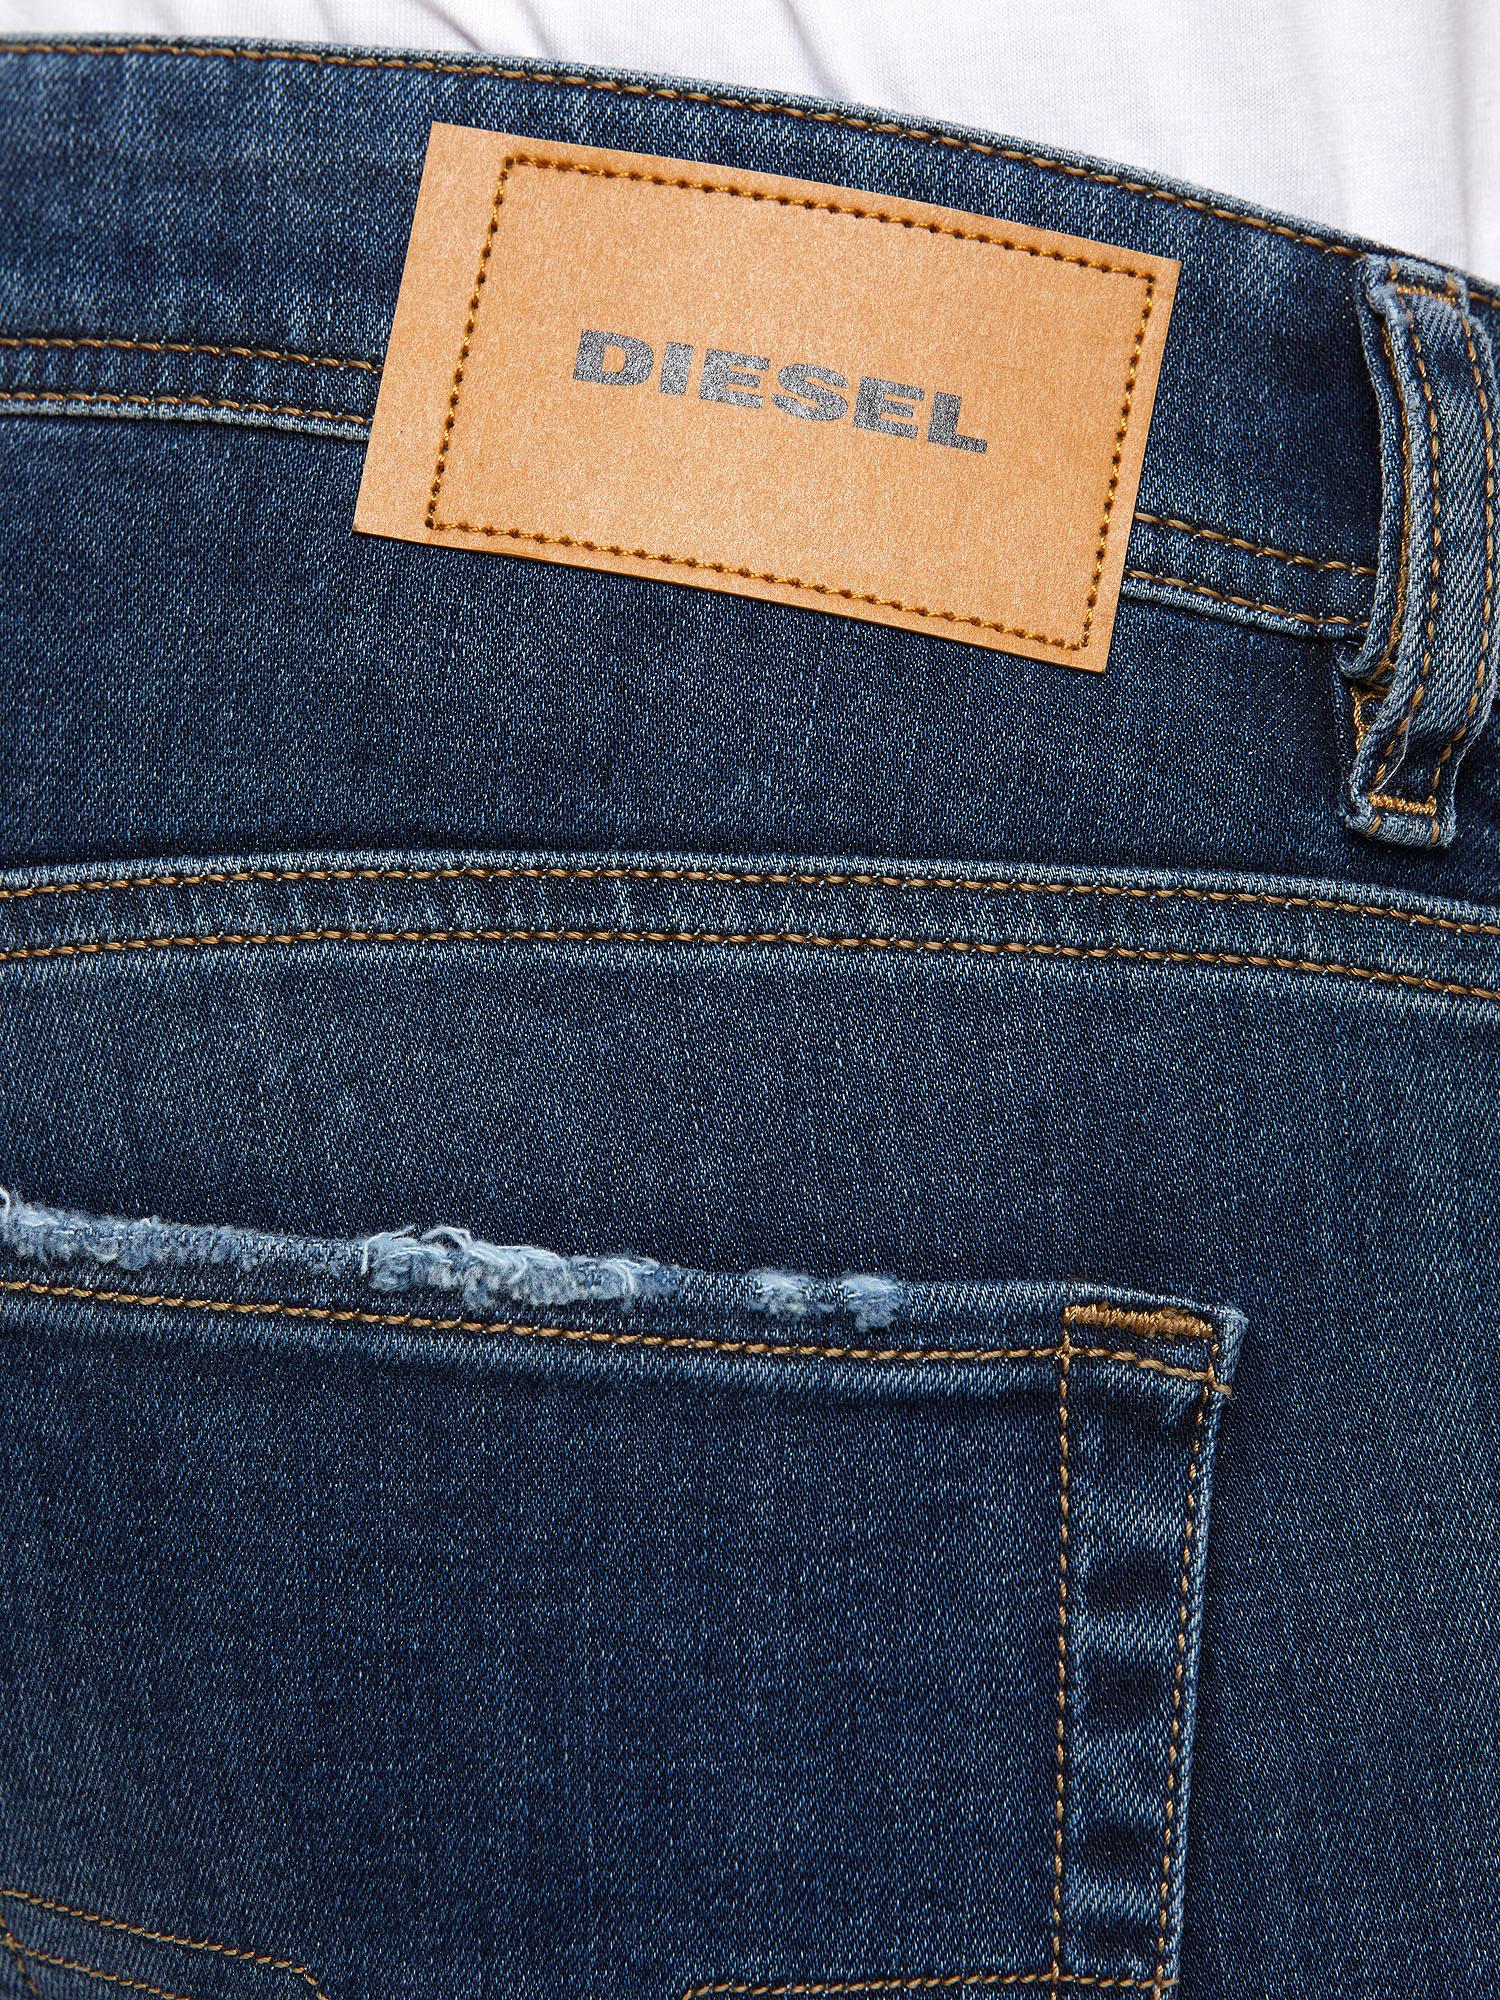 Diesel - Sleenker 009DK, Dark Blue - Jeans - Image 6